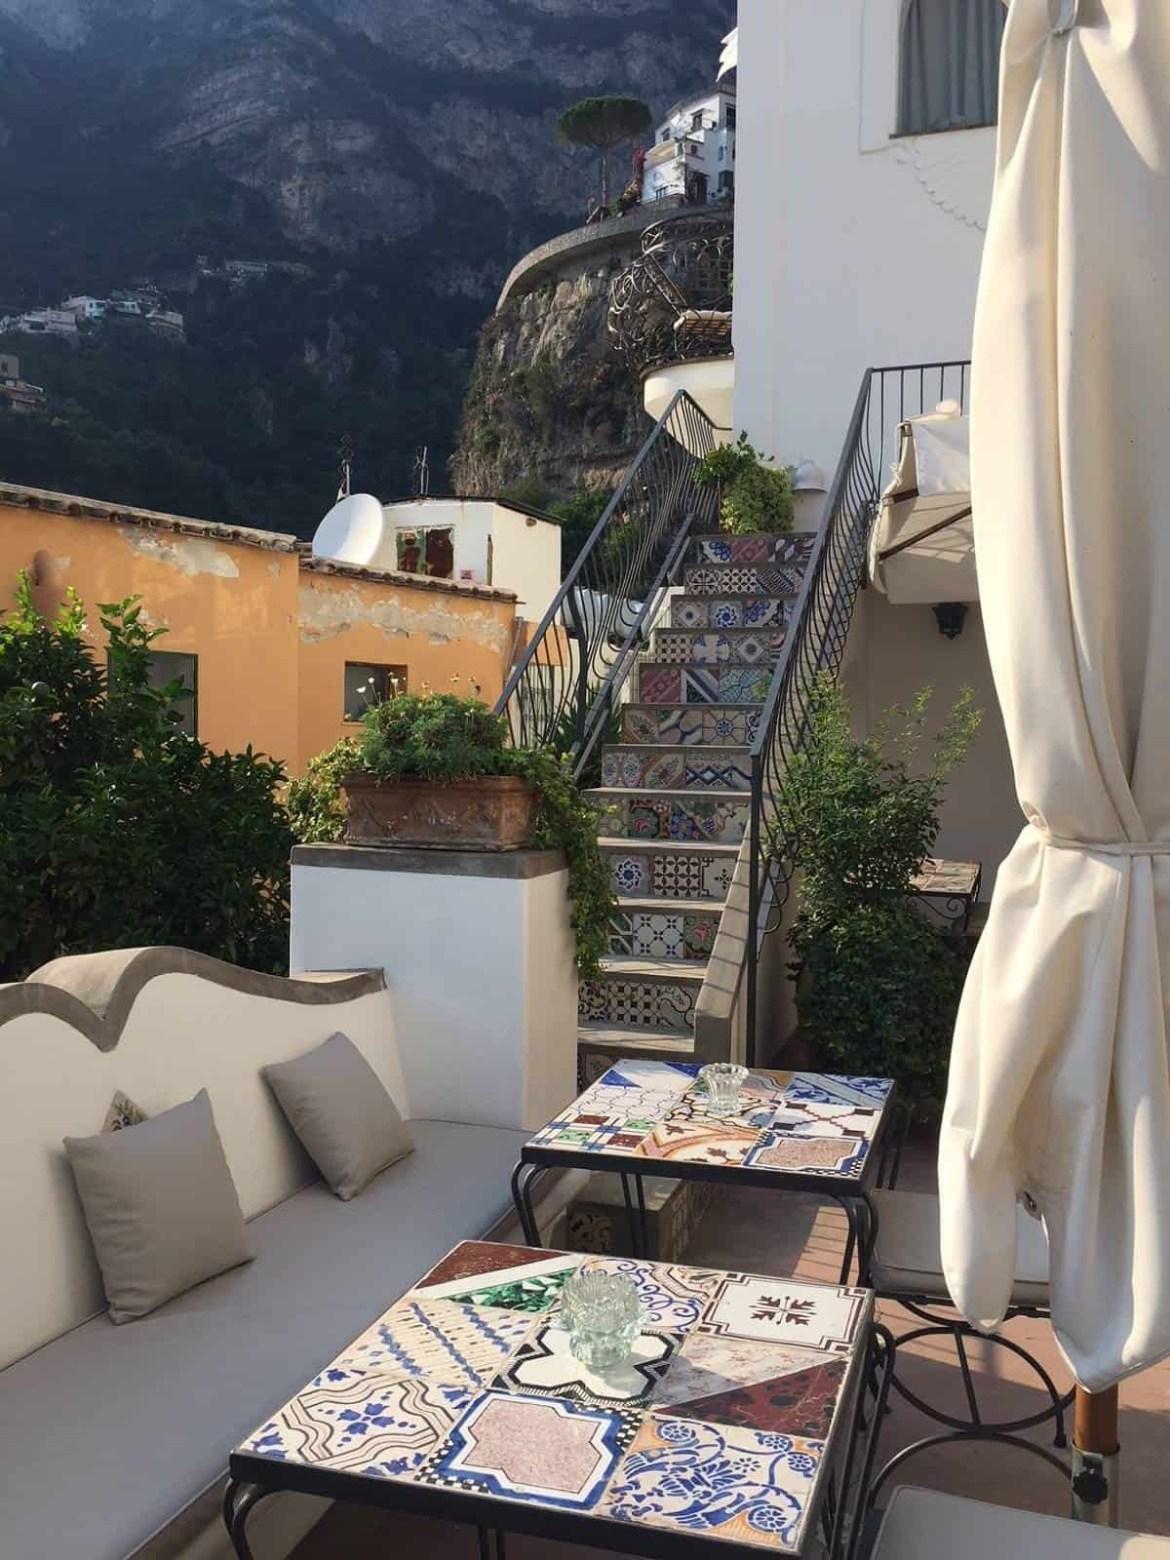 Terrace at Casa Buonocore Positano